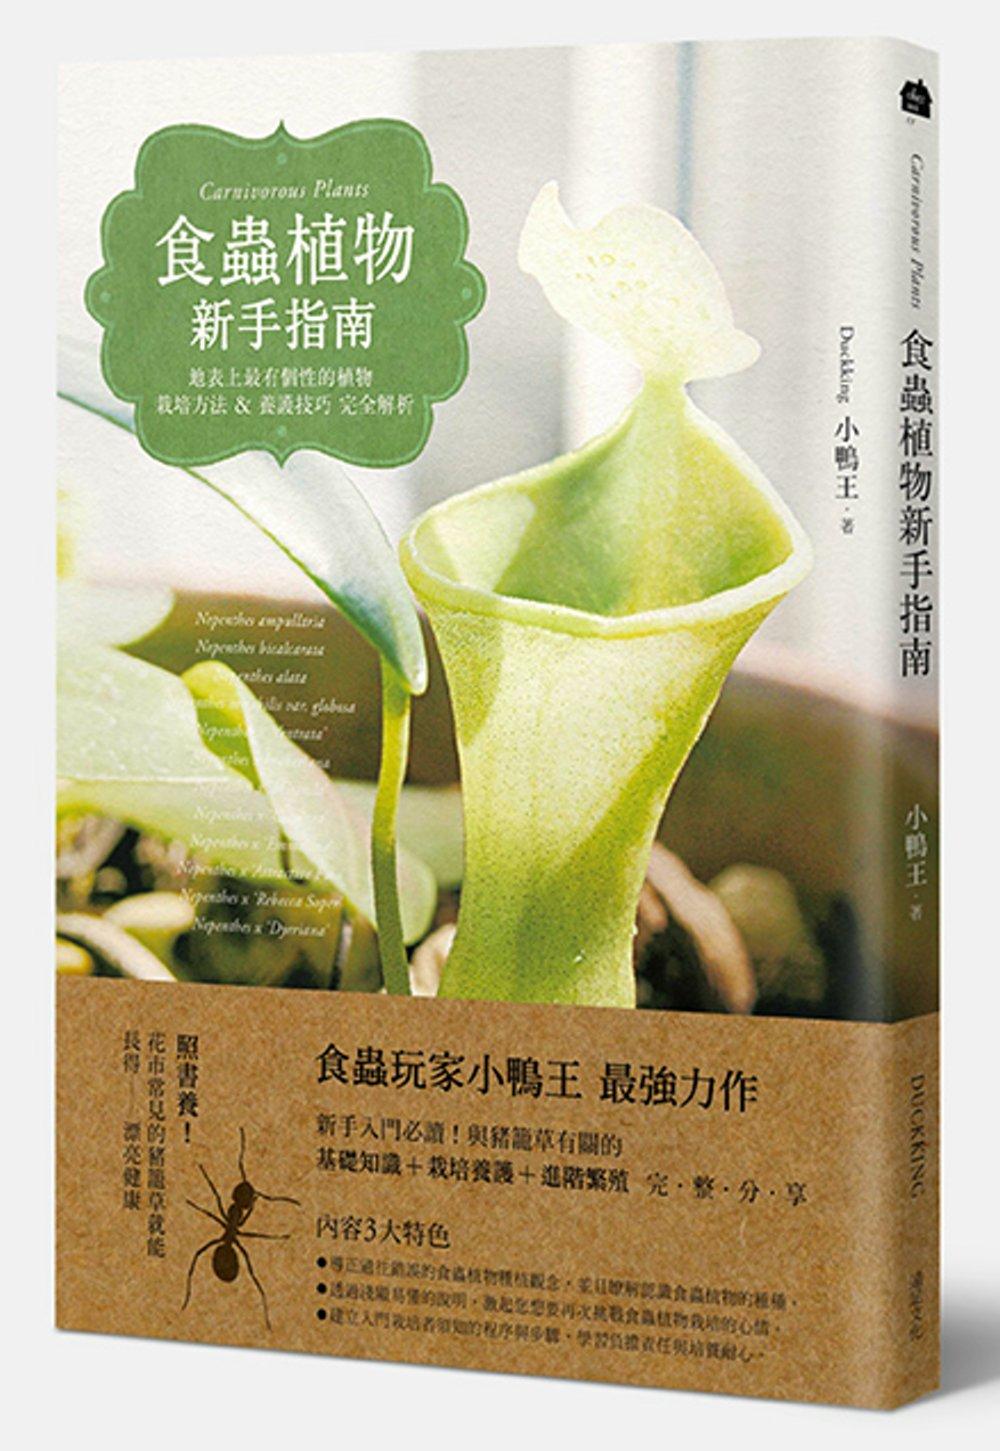 食蟲植物新手指南:地表上最有 的植物栽培方法 養護技巧完全解析